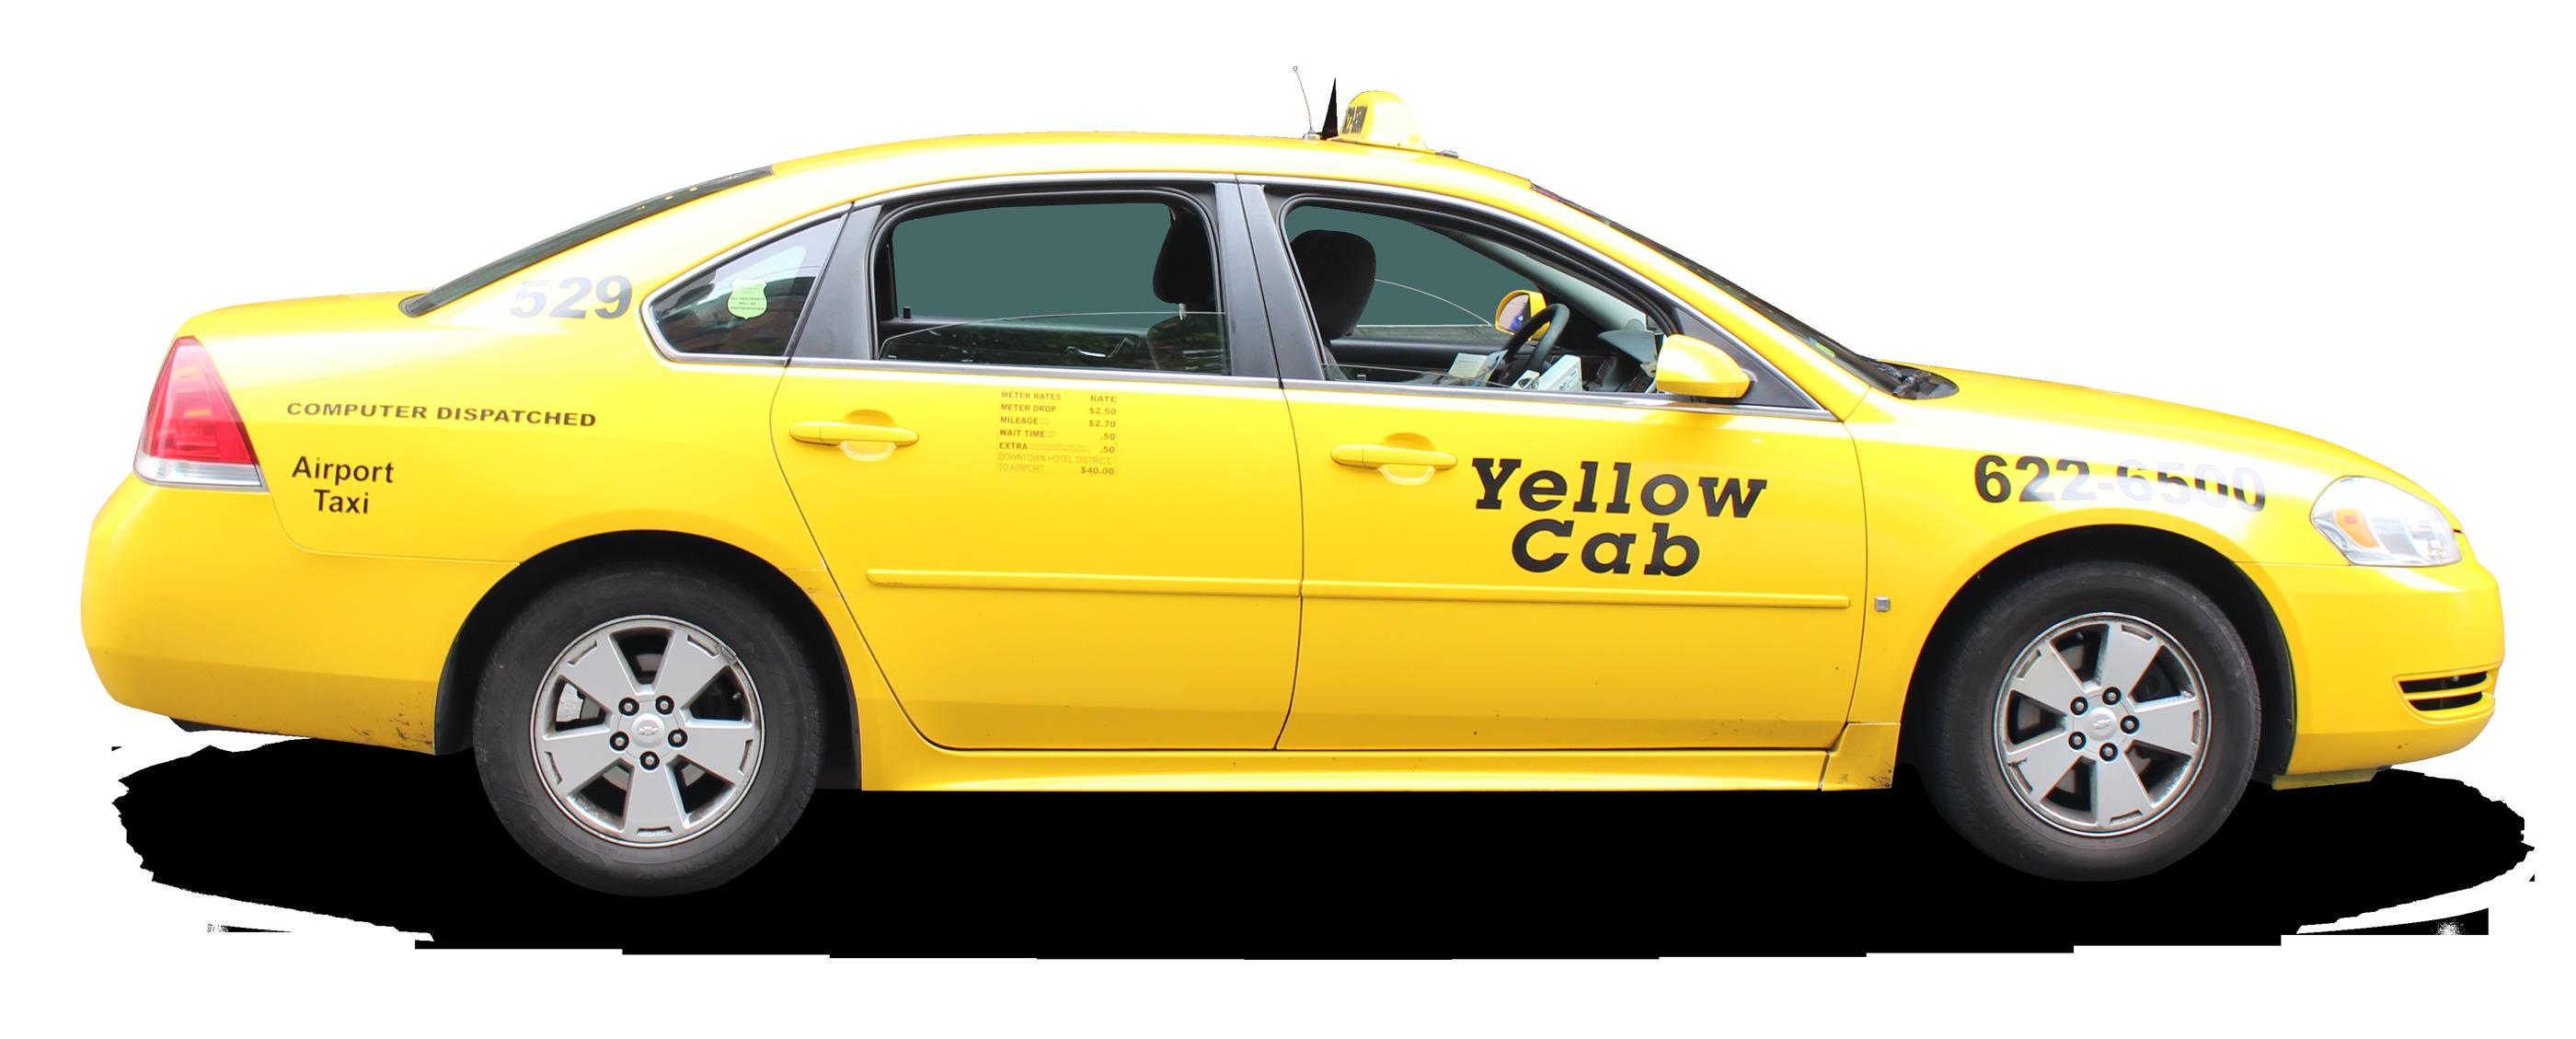 Taxi car clipart jpg freeuse Taxi Cab PNG Transparent Image - PngPix jpg freeuse